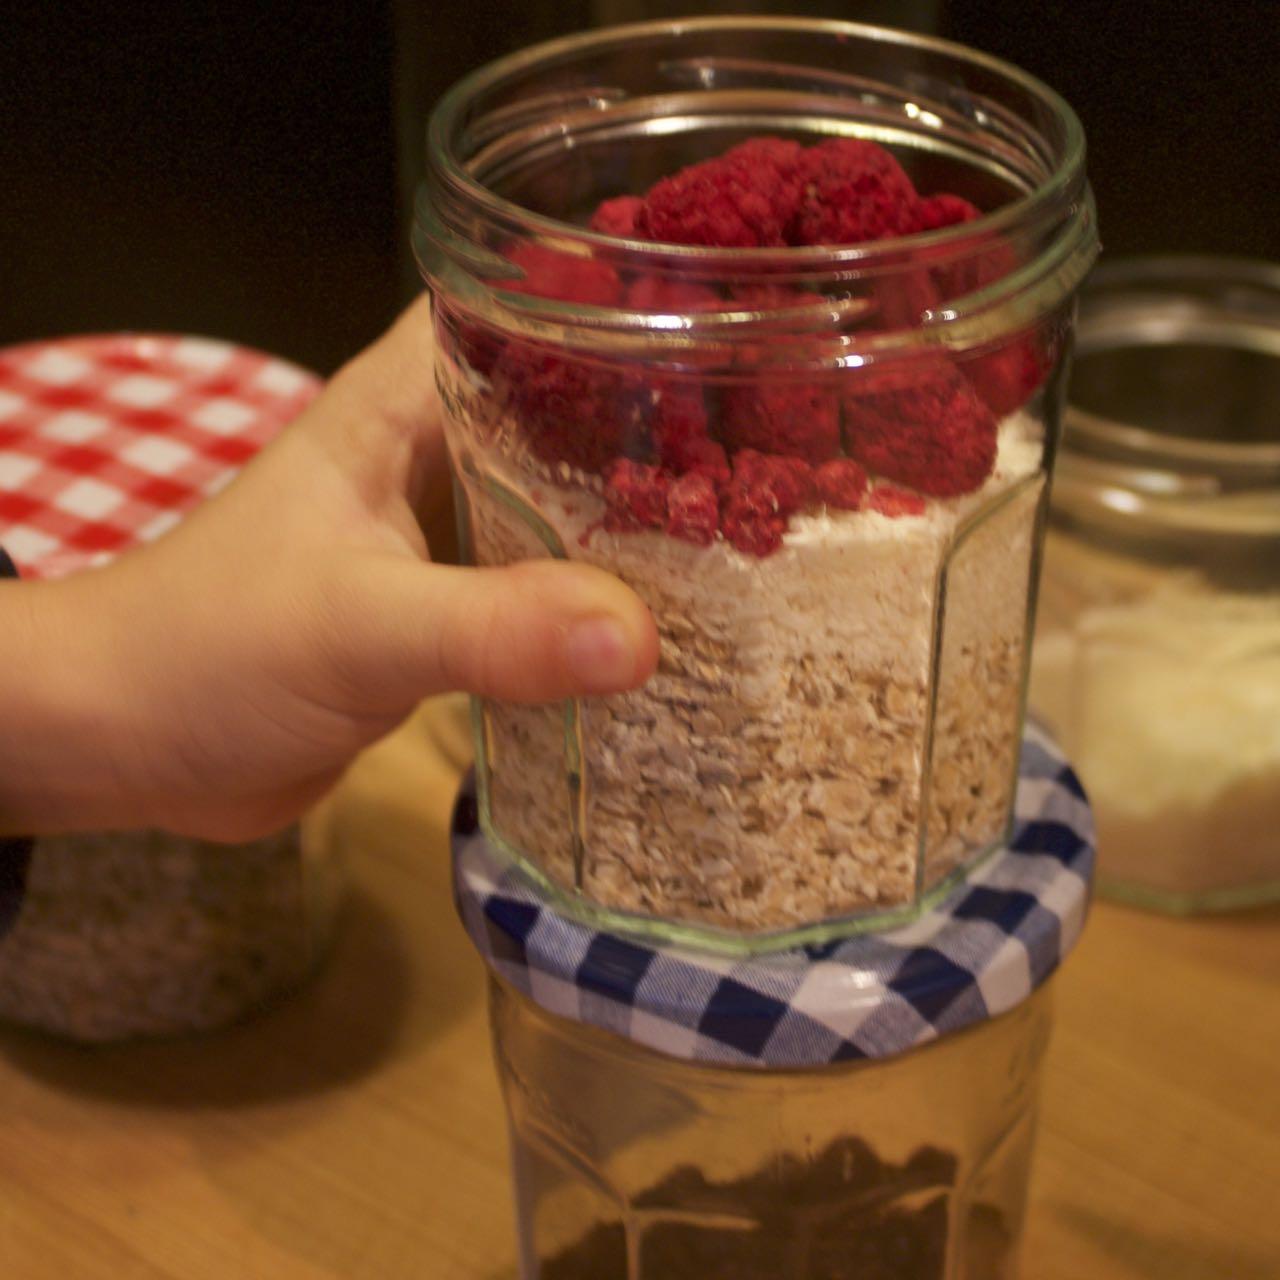 Ayurveda-Weihnachtsgeschenk: selbst gemachte Porridge-Mischung